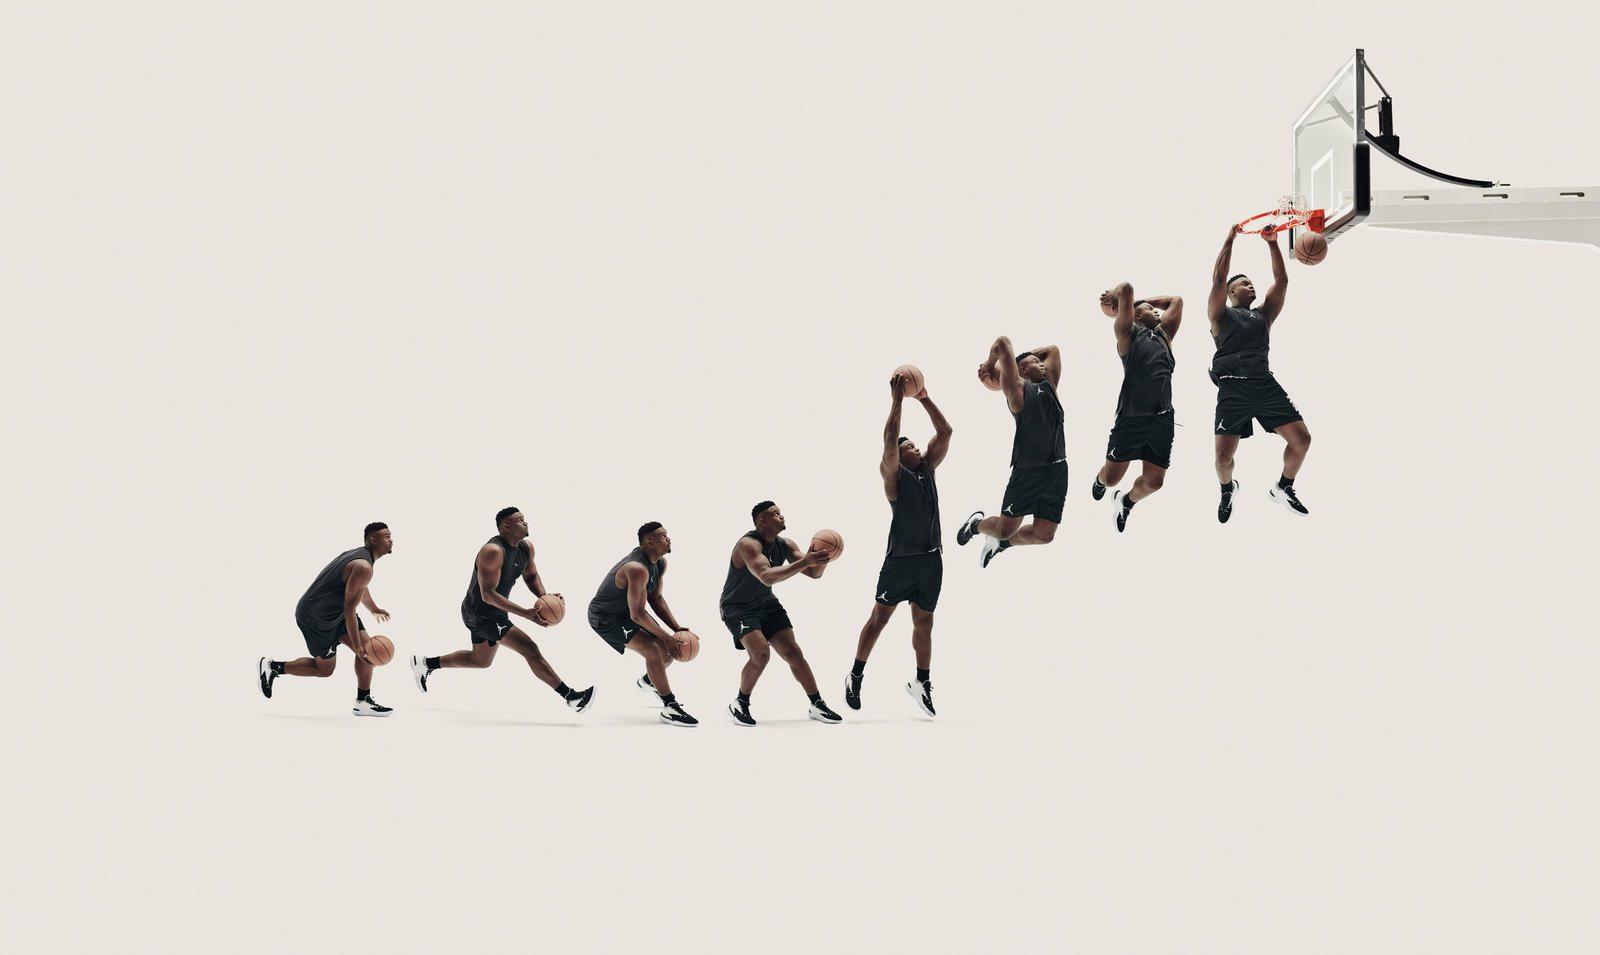 Zapatillas y basket: Jordan encuentra en Zion su puente al futuro, por José Ajero